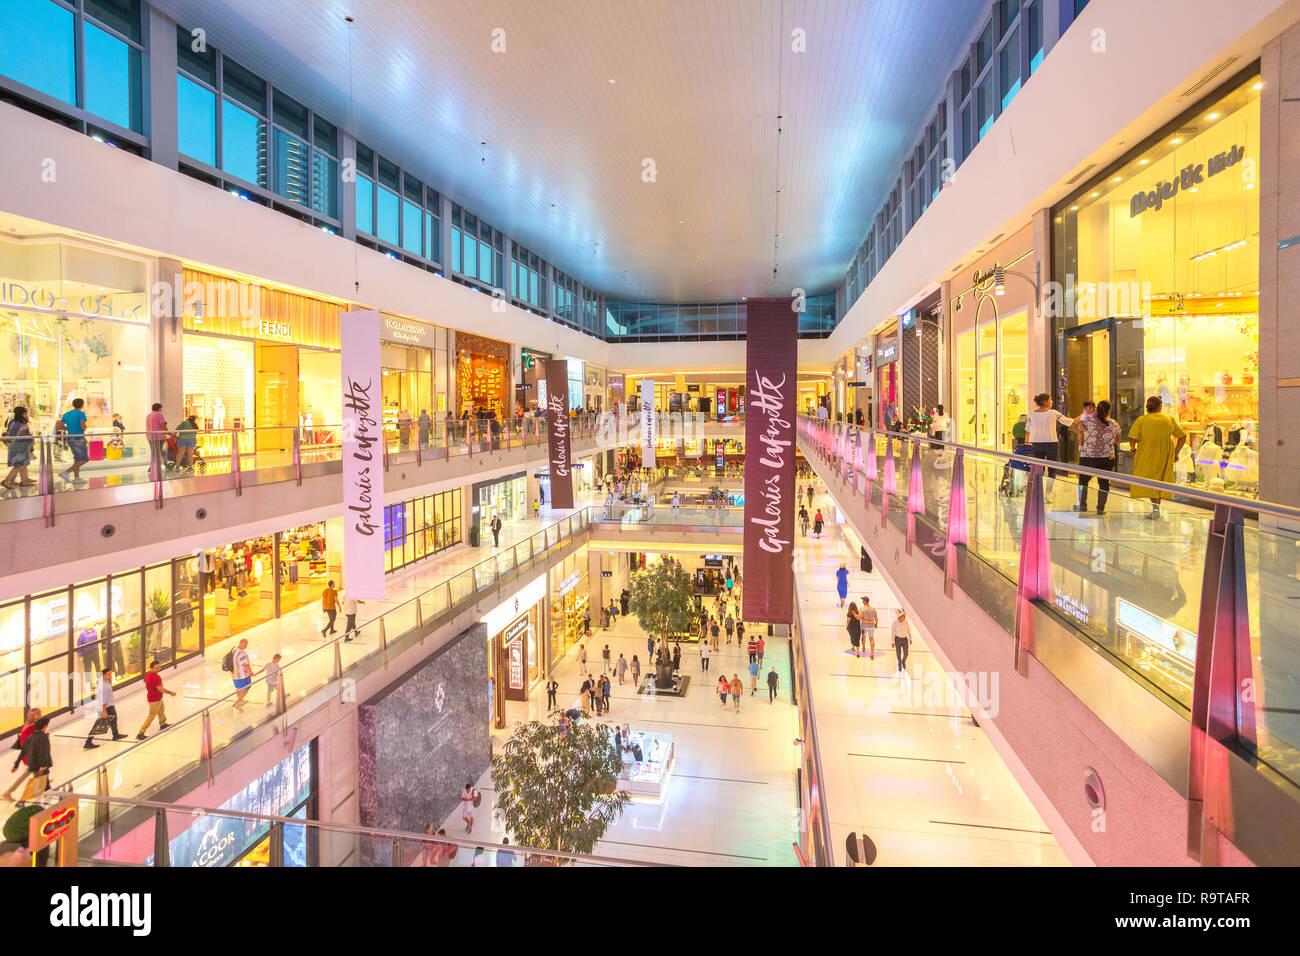 Dubaï, Émirats arabes unis - NOV 12, 2018: shoppers à Dubaï Mall, le plus grand centre commercial du monde basée sur la superficie totale et le sixième plus grand par la superficie brute locative Banque D'Images